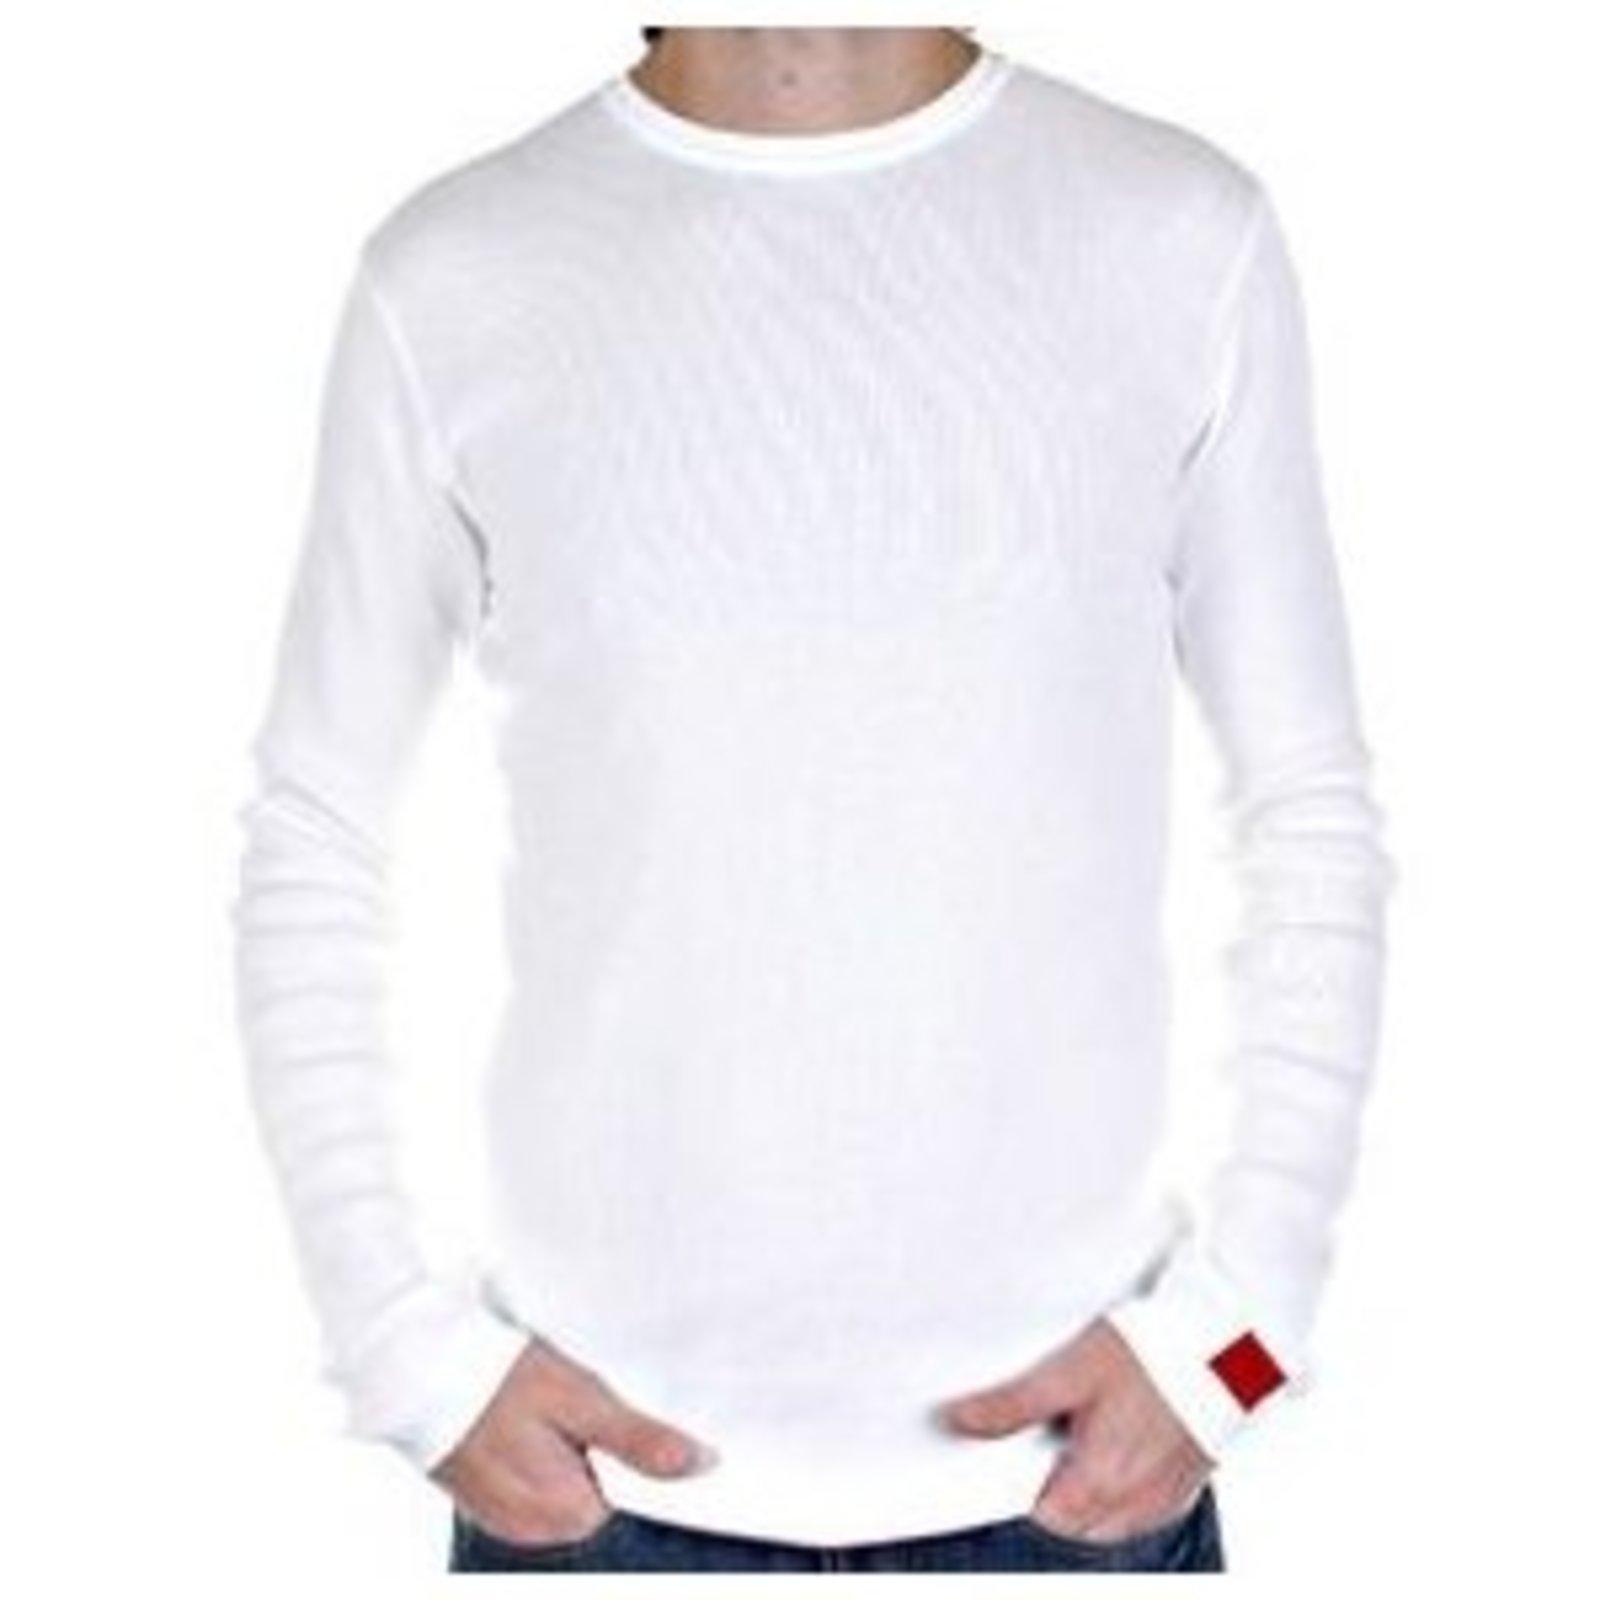 klassinen tyyli tyylikkäät kengät tyylikkäät kengät Armani Jeans knitwear mens white fitted knitwear AJM0771